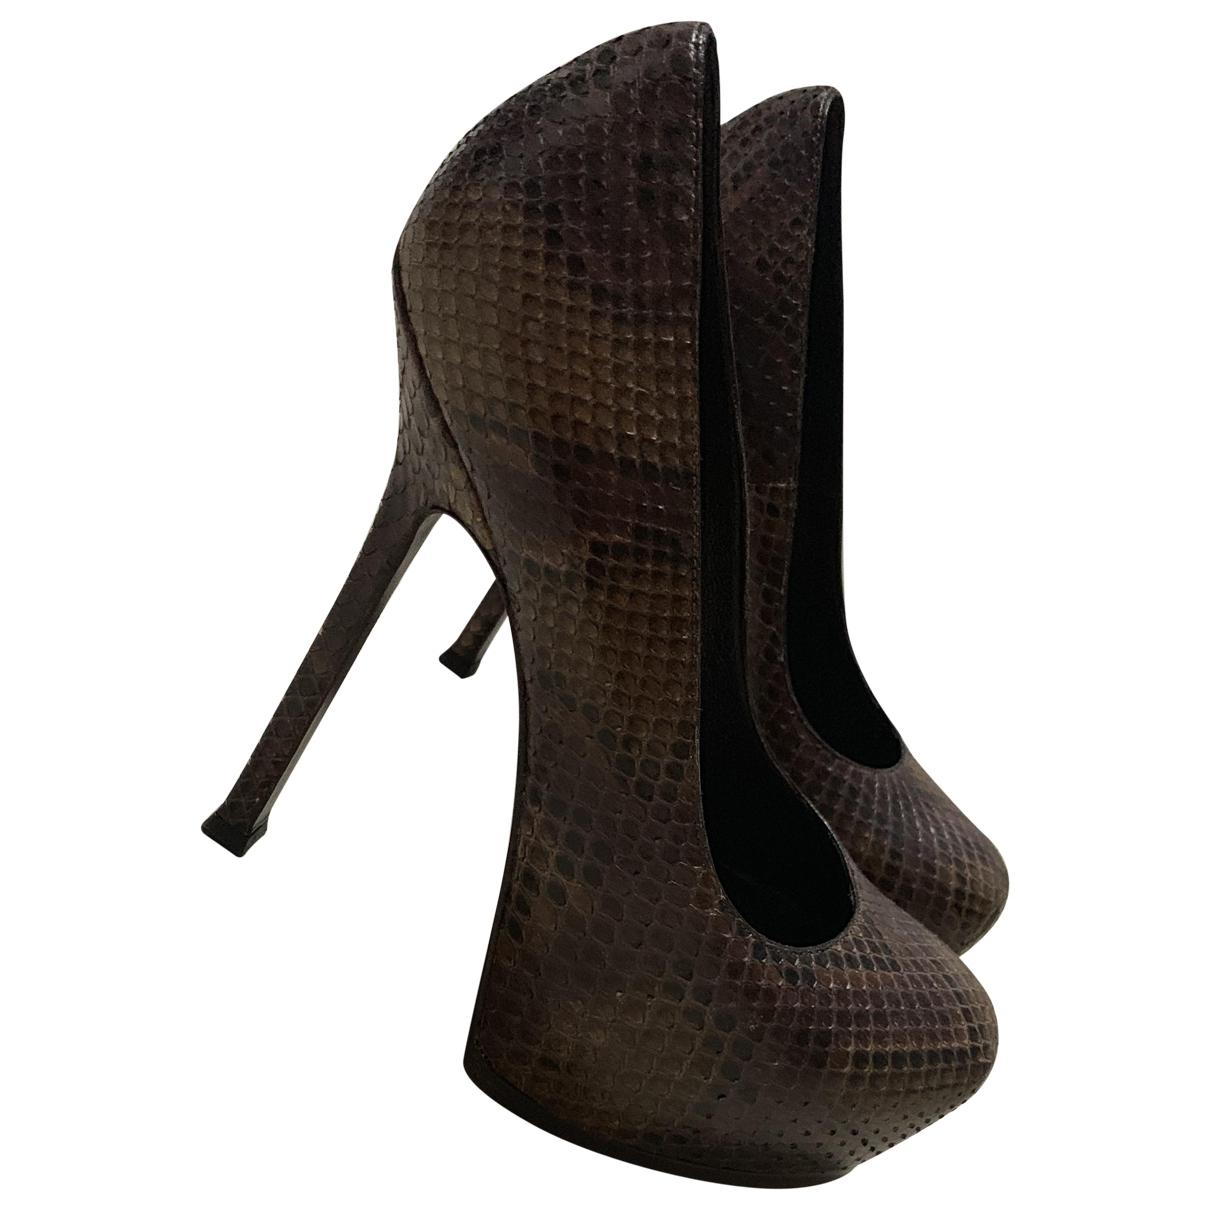 Yves Saint Laurent - Escarpins Trib Too pour femme en python - marron